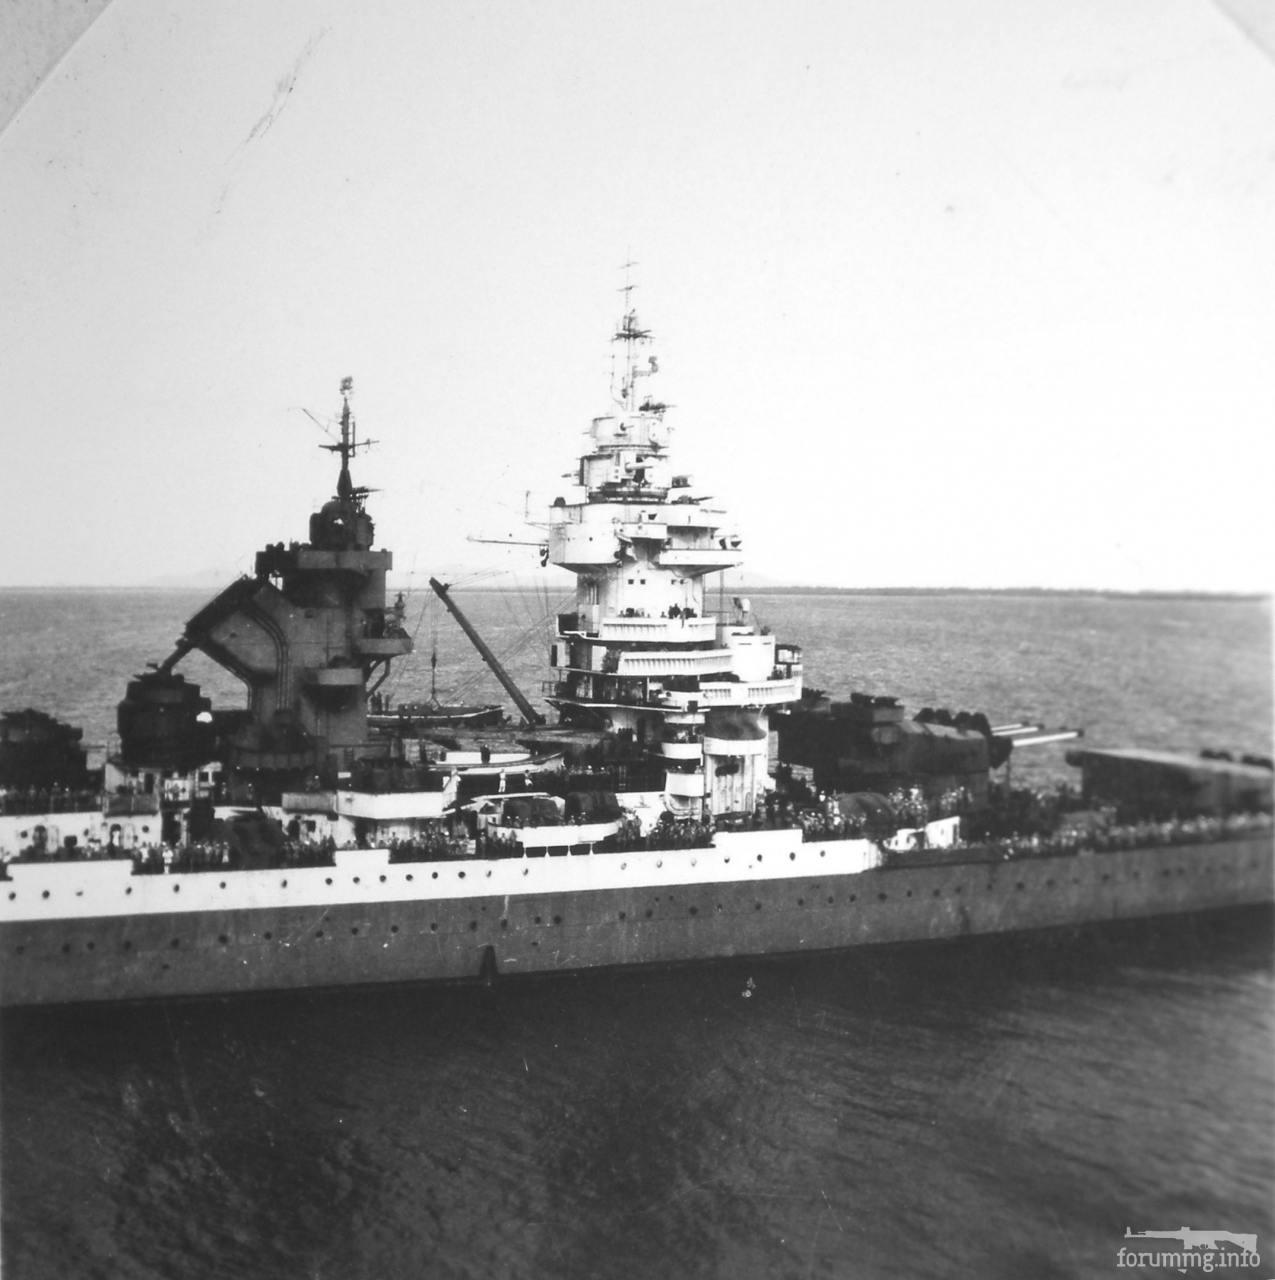 116614 - Линкор Richelieu в Индокитае, 1945 г.